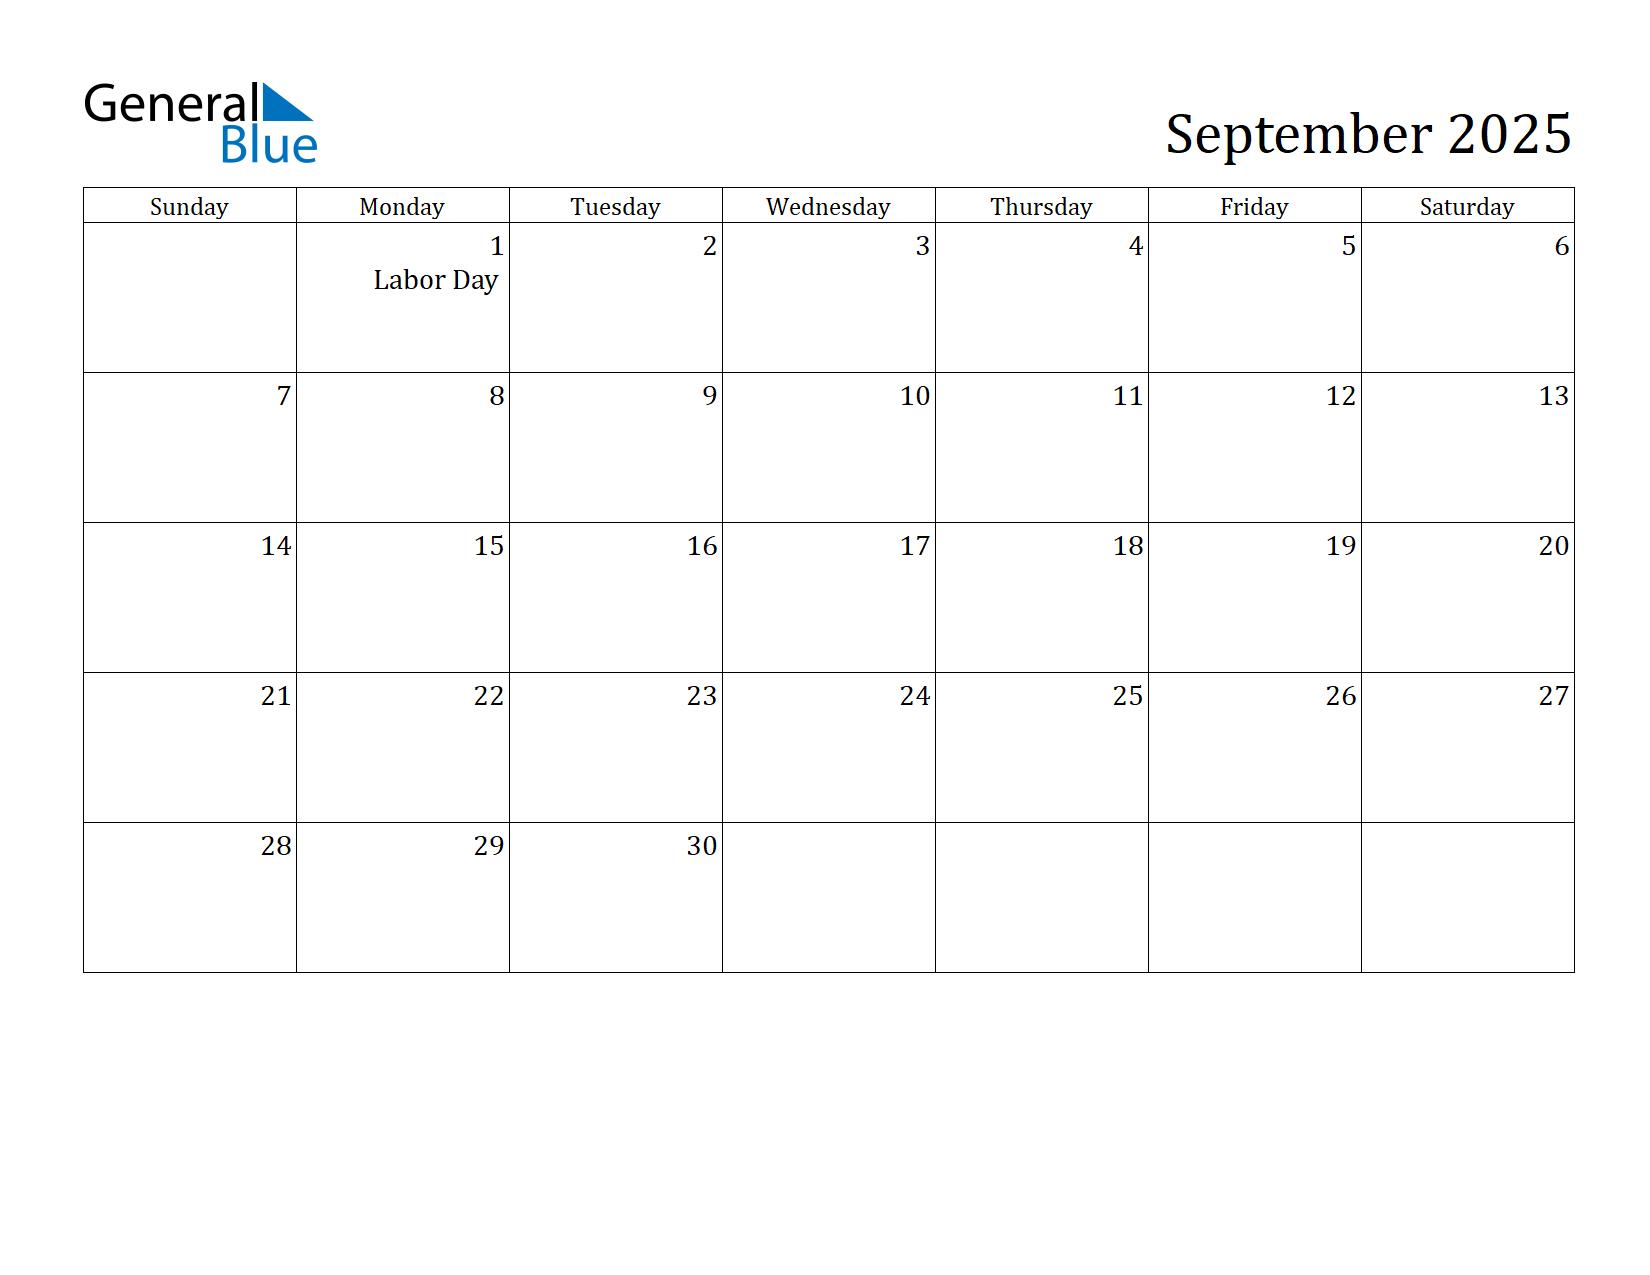 Image of September 2025 Calendar